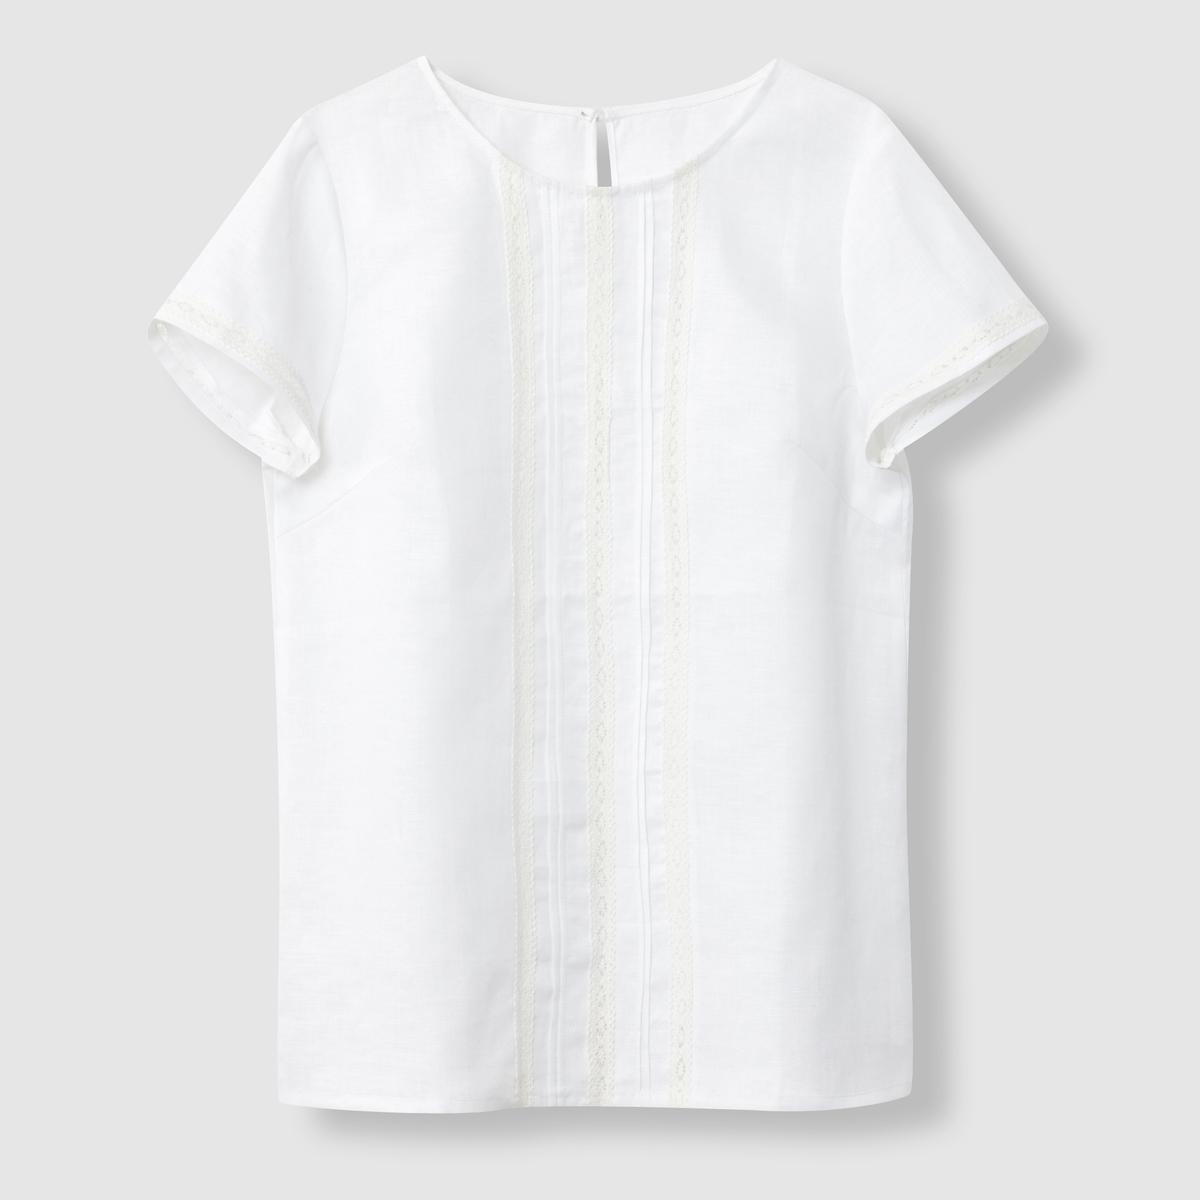 Блузка из хлопка и льна - R essentiel